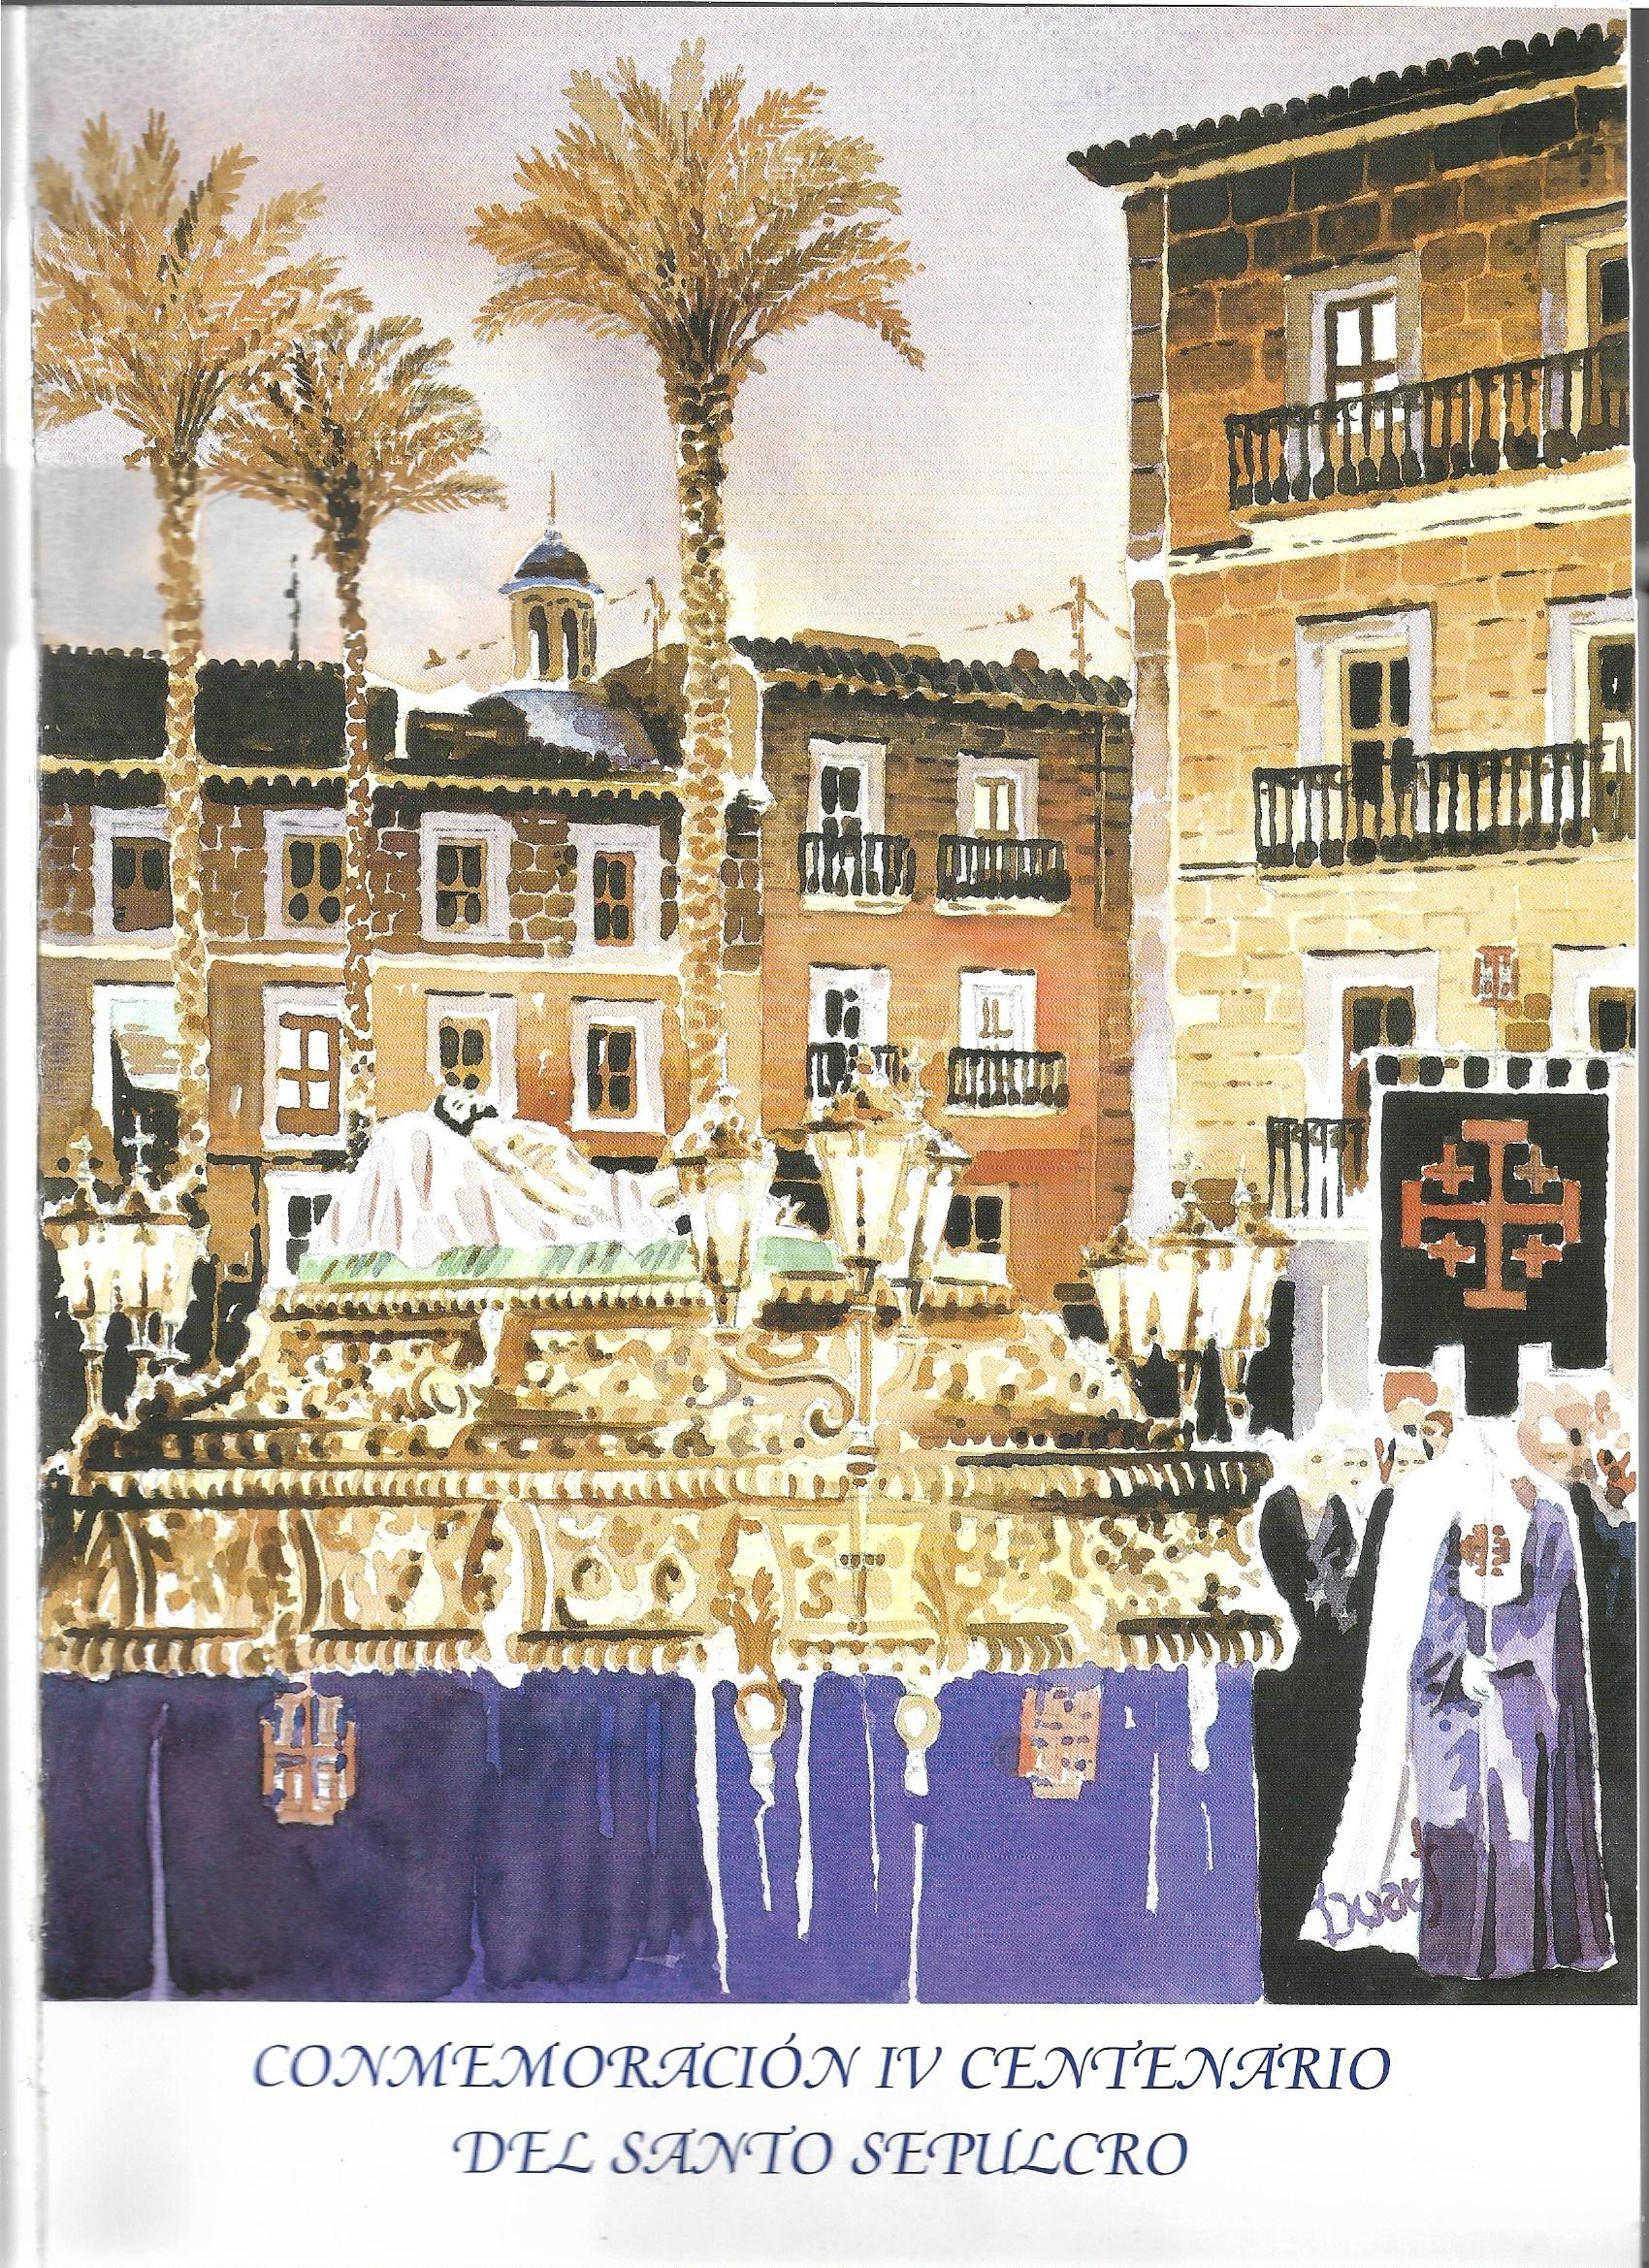 """Año 2000, Publicación Libro """"Conmemoración IV Centenario Del Santo Sepulcro"""""""